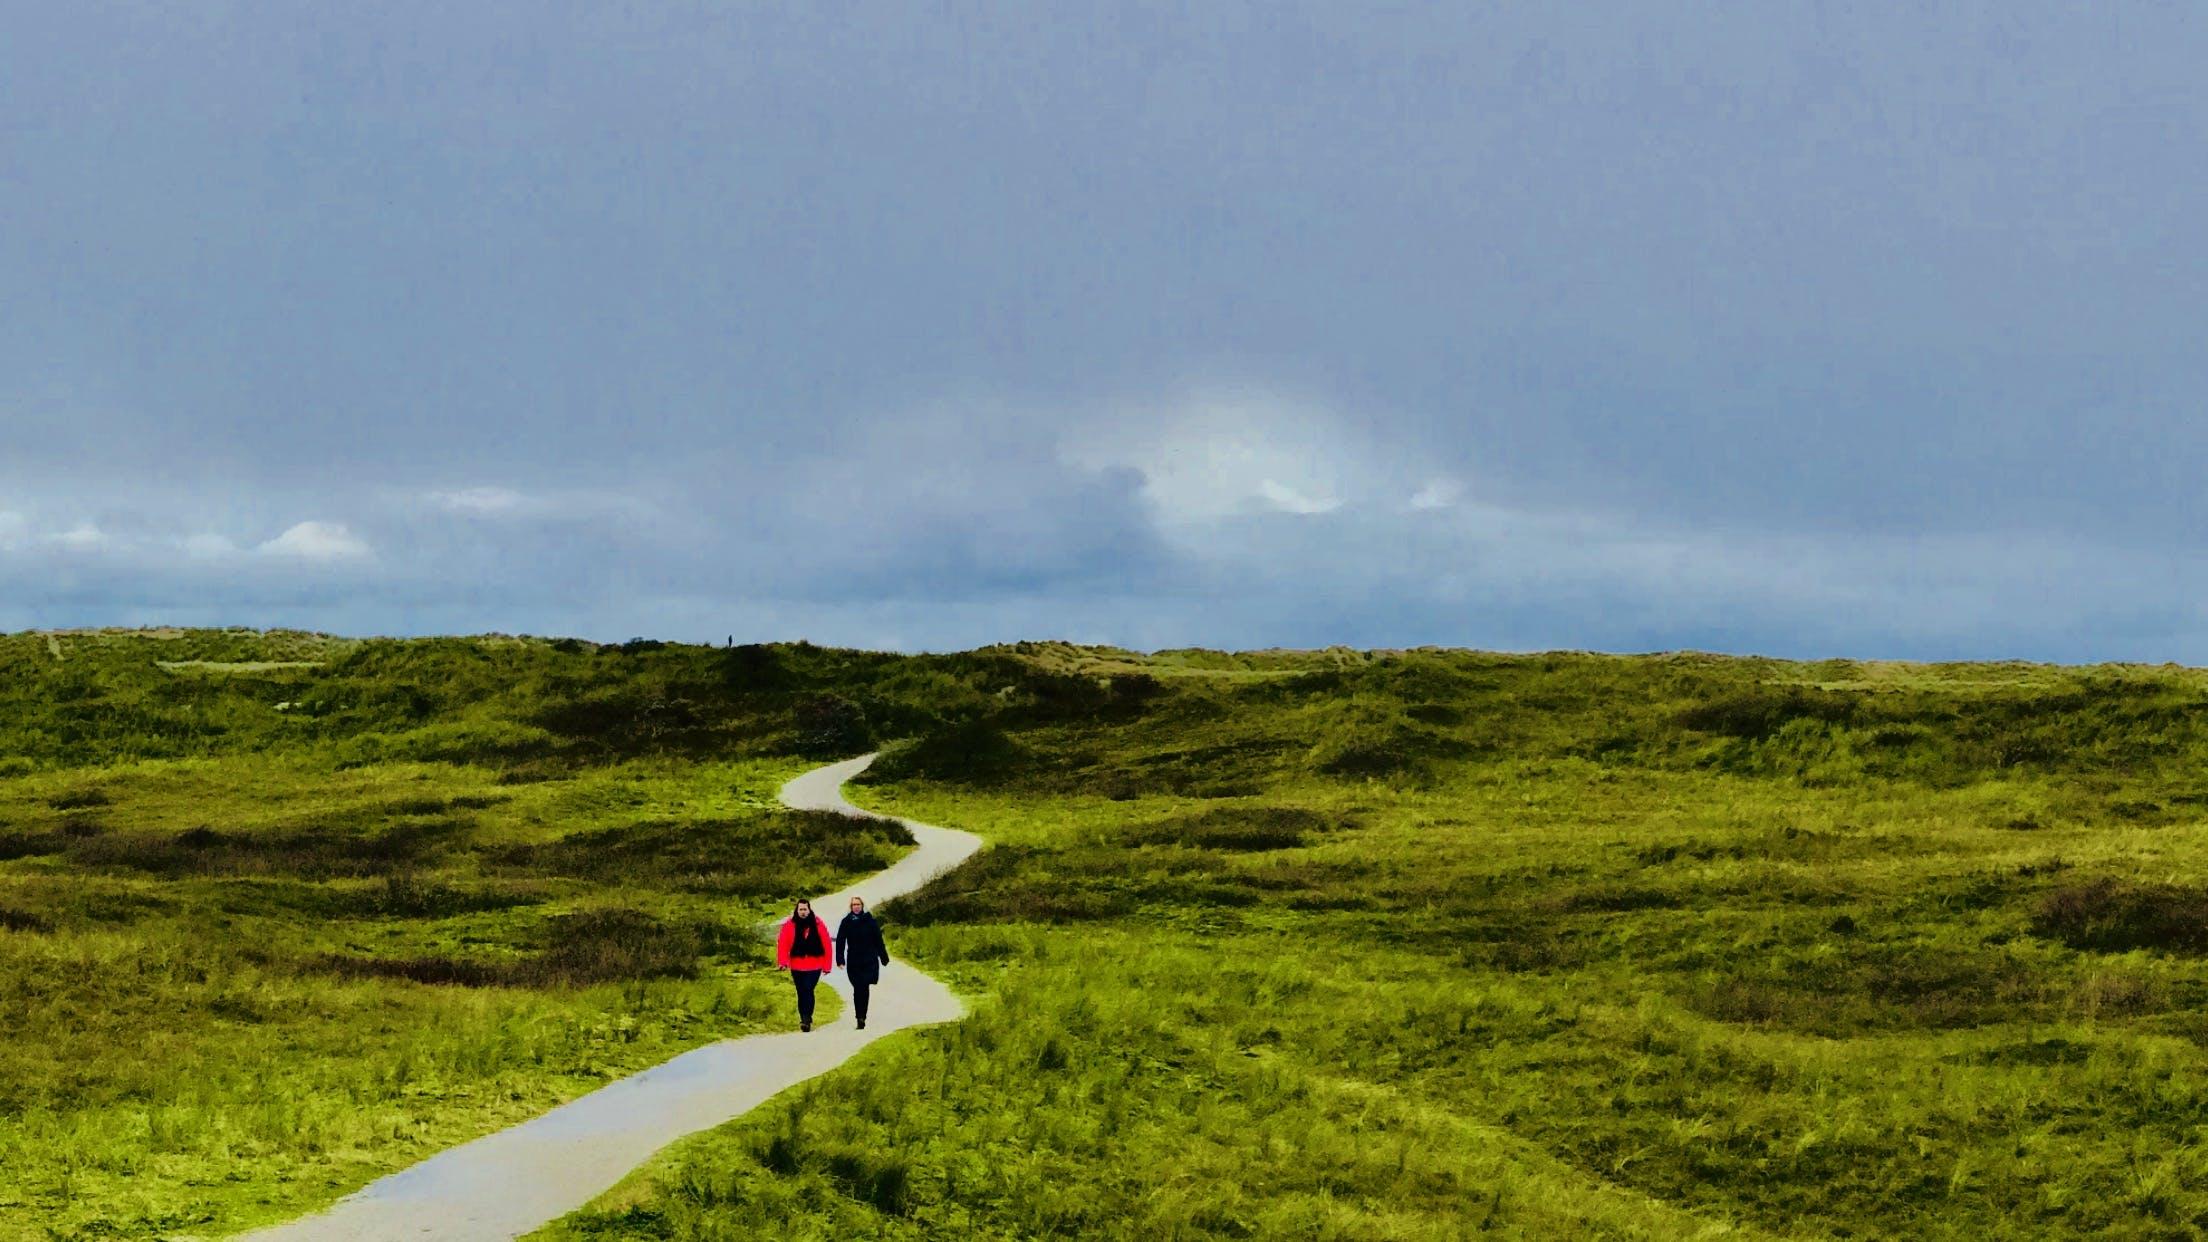 アメランド, オランダ, フィールド, 小径の無料の写真素材